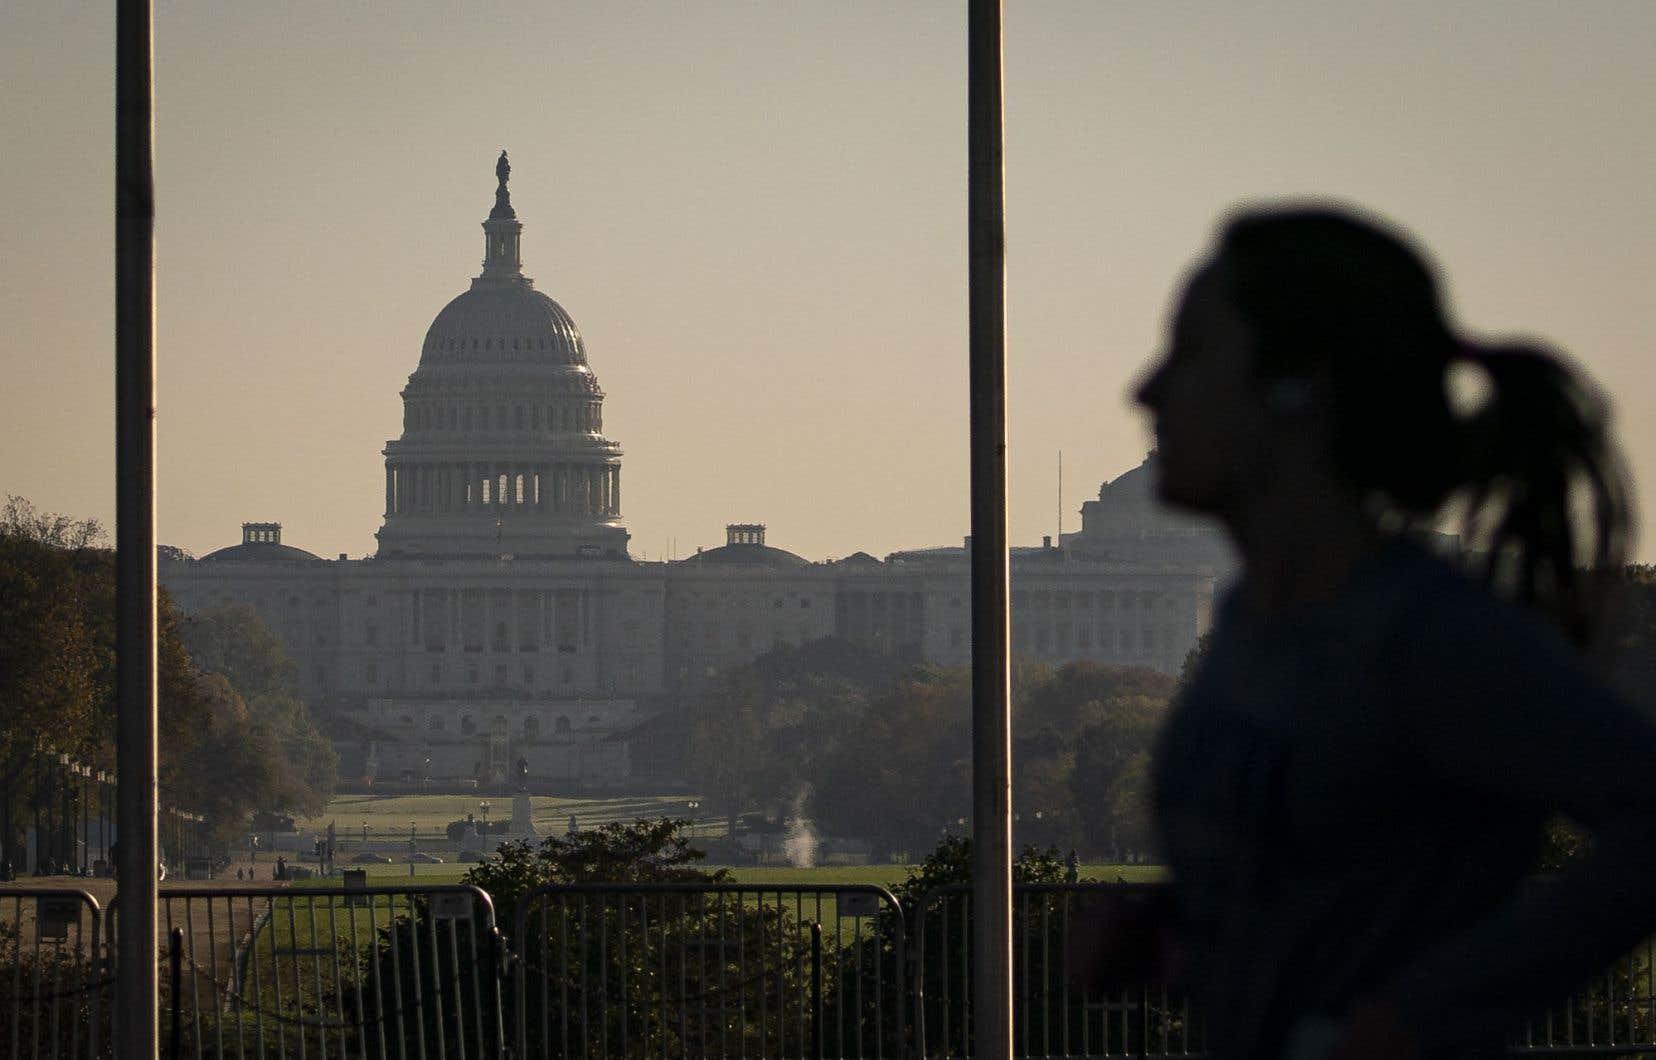 Le prochain  président des États-Unis, qu'il soit démocrate ou républicain, aura à composer avec un  Congrès divisé et une lente  récupération économique sous la pression de la deuxième vague de  la pandémie.